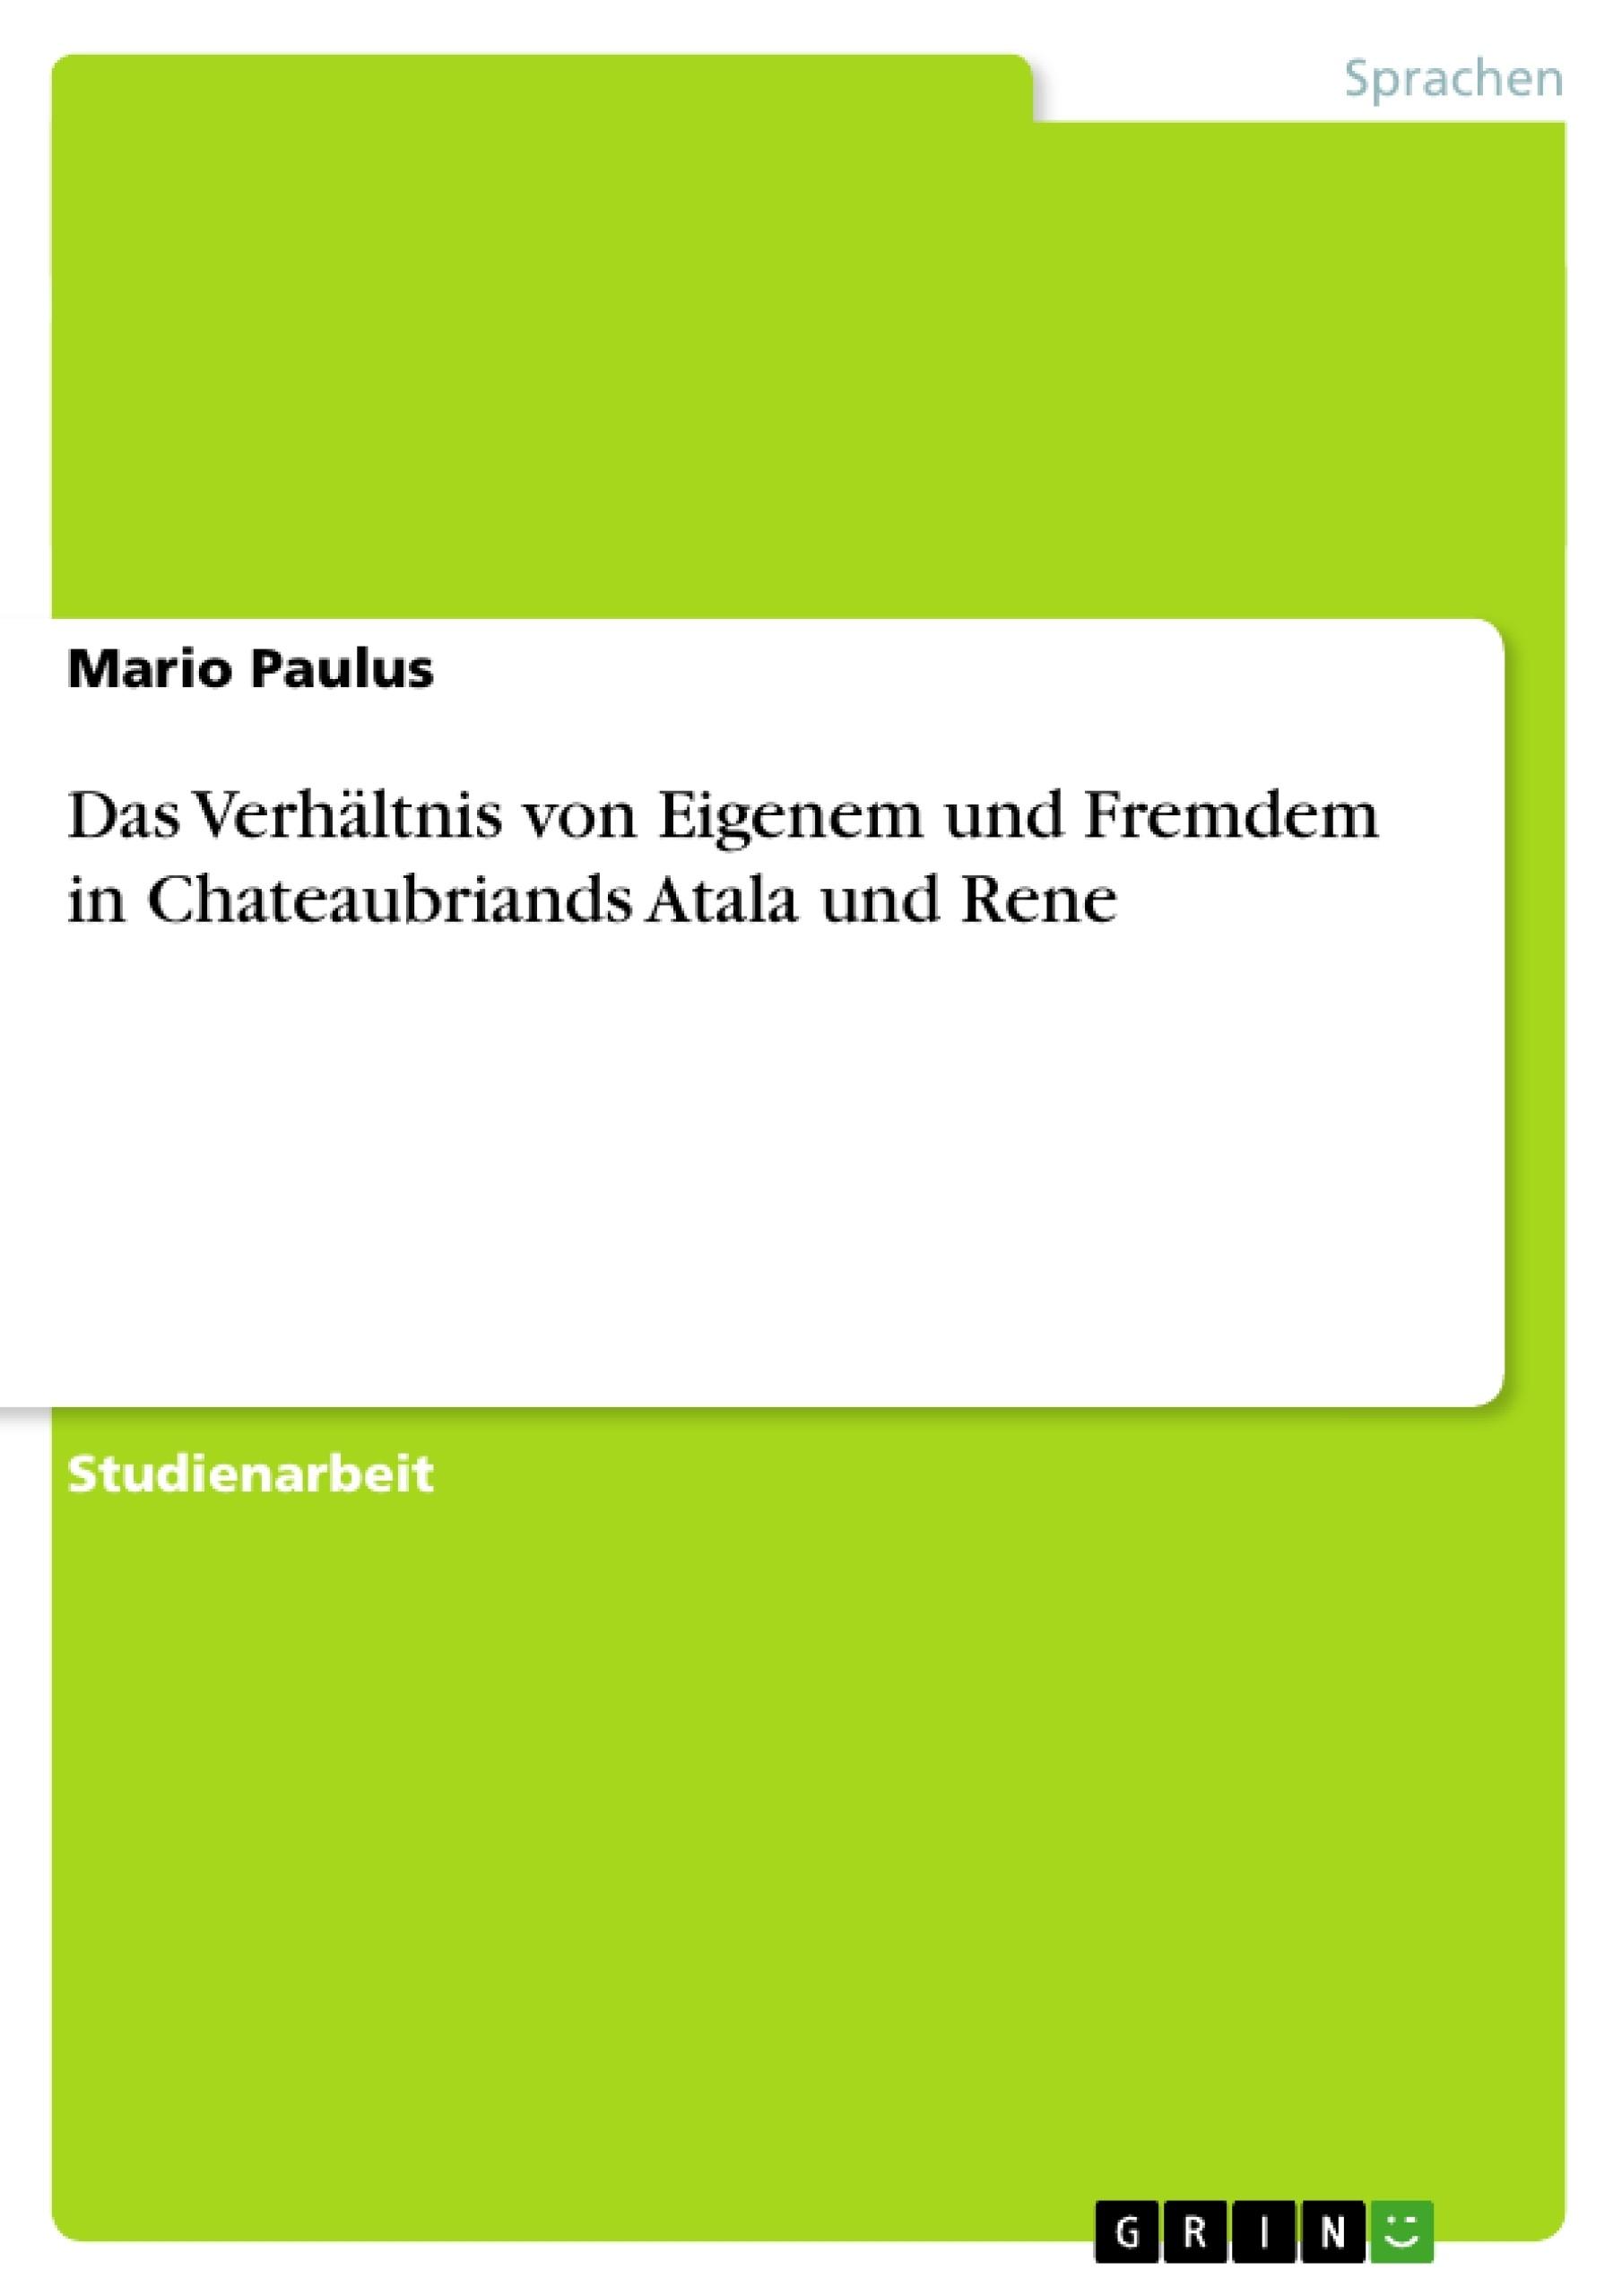 Titel: Das Verhältnis von Eigenem und Fremdem in Chateaubriands Atala und Rene